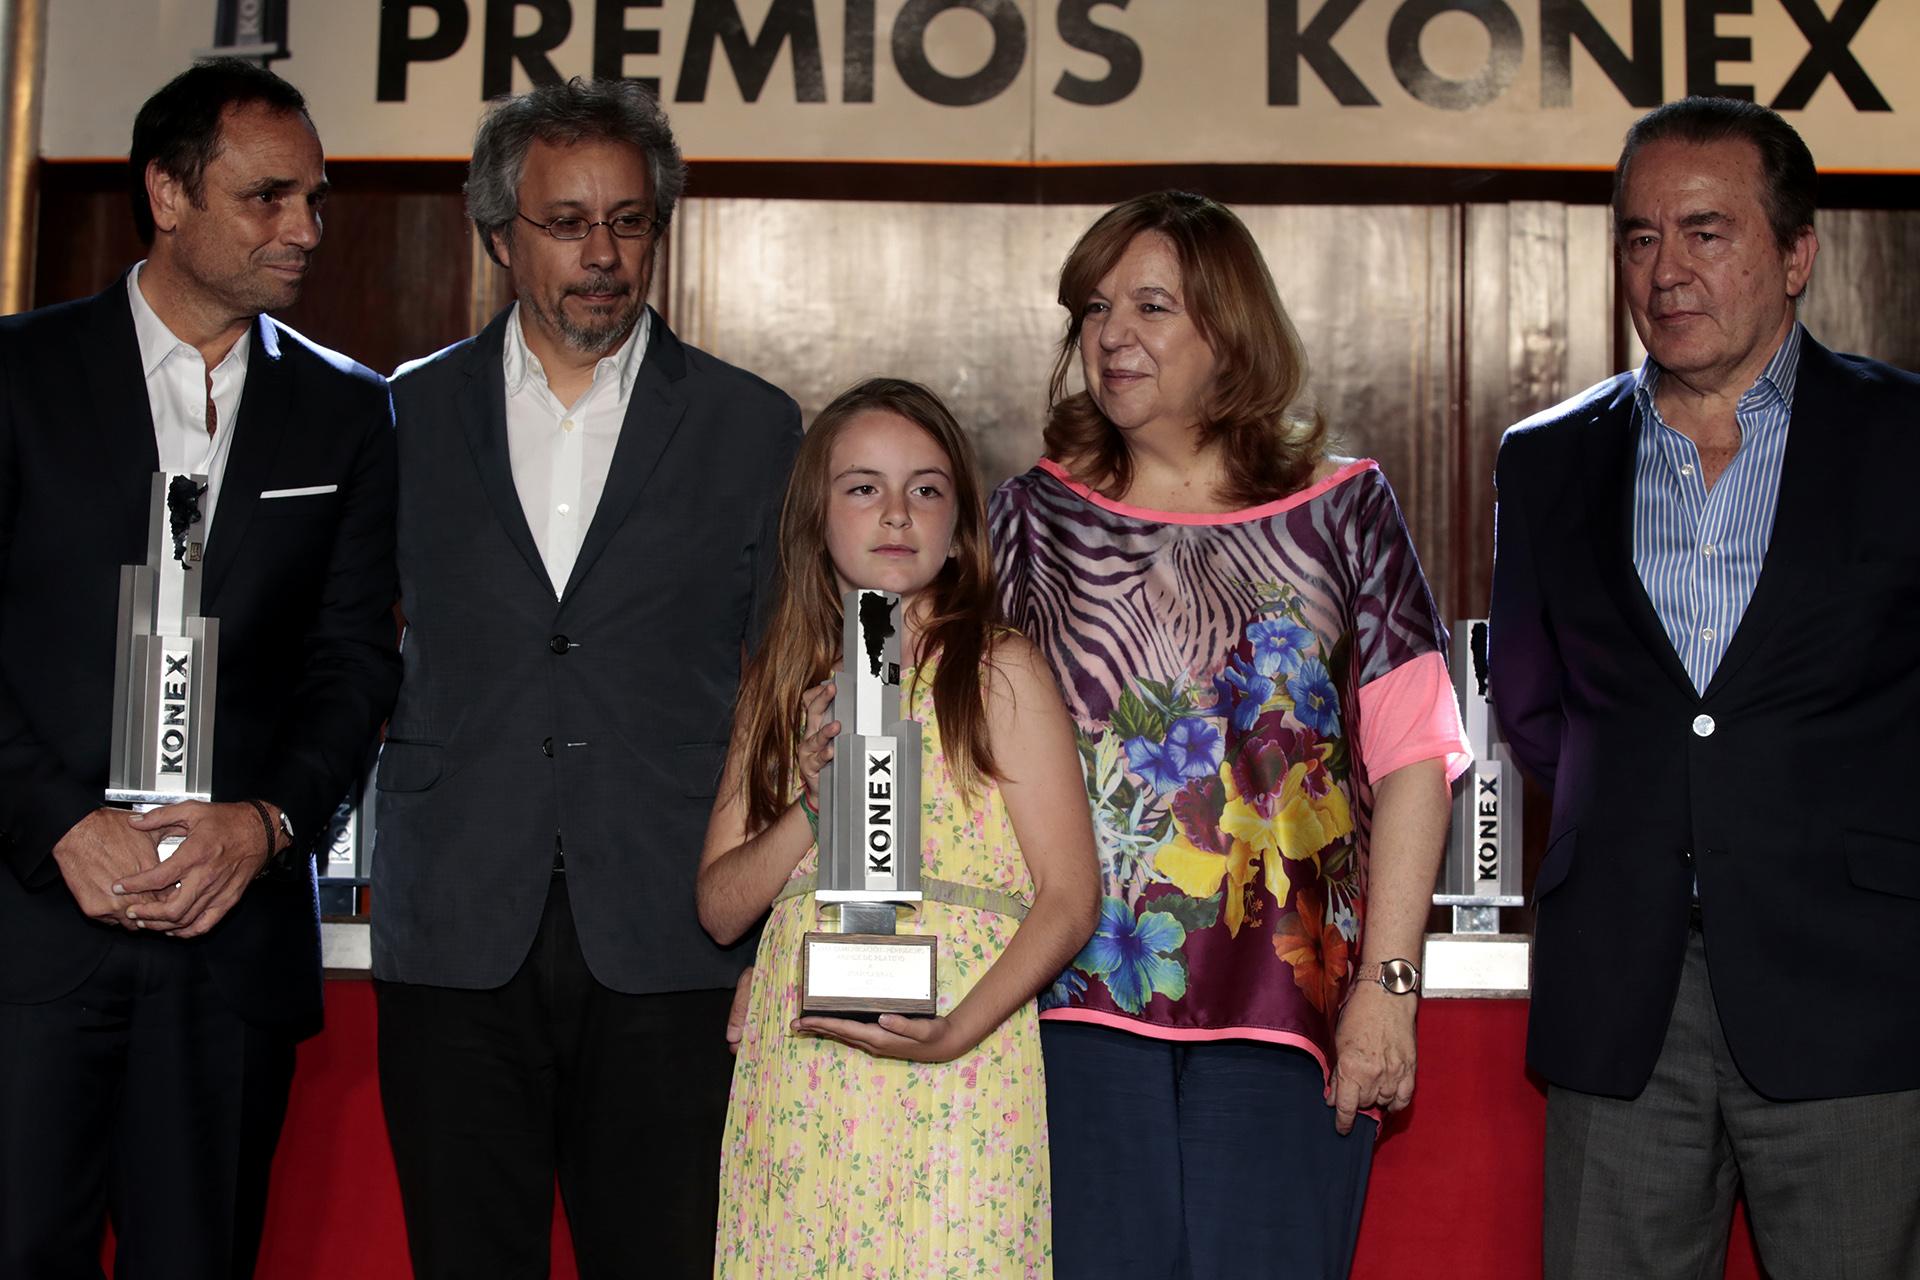 Pablo del Campo y Juan Cabral (estuvo ausente y lo recibió su familia) ganaron el Premio Konex de Platino en la categoría Publicitaria